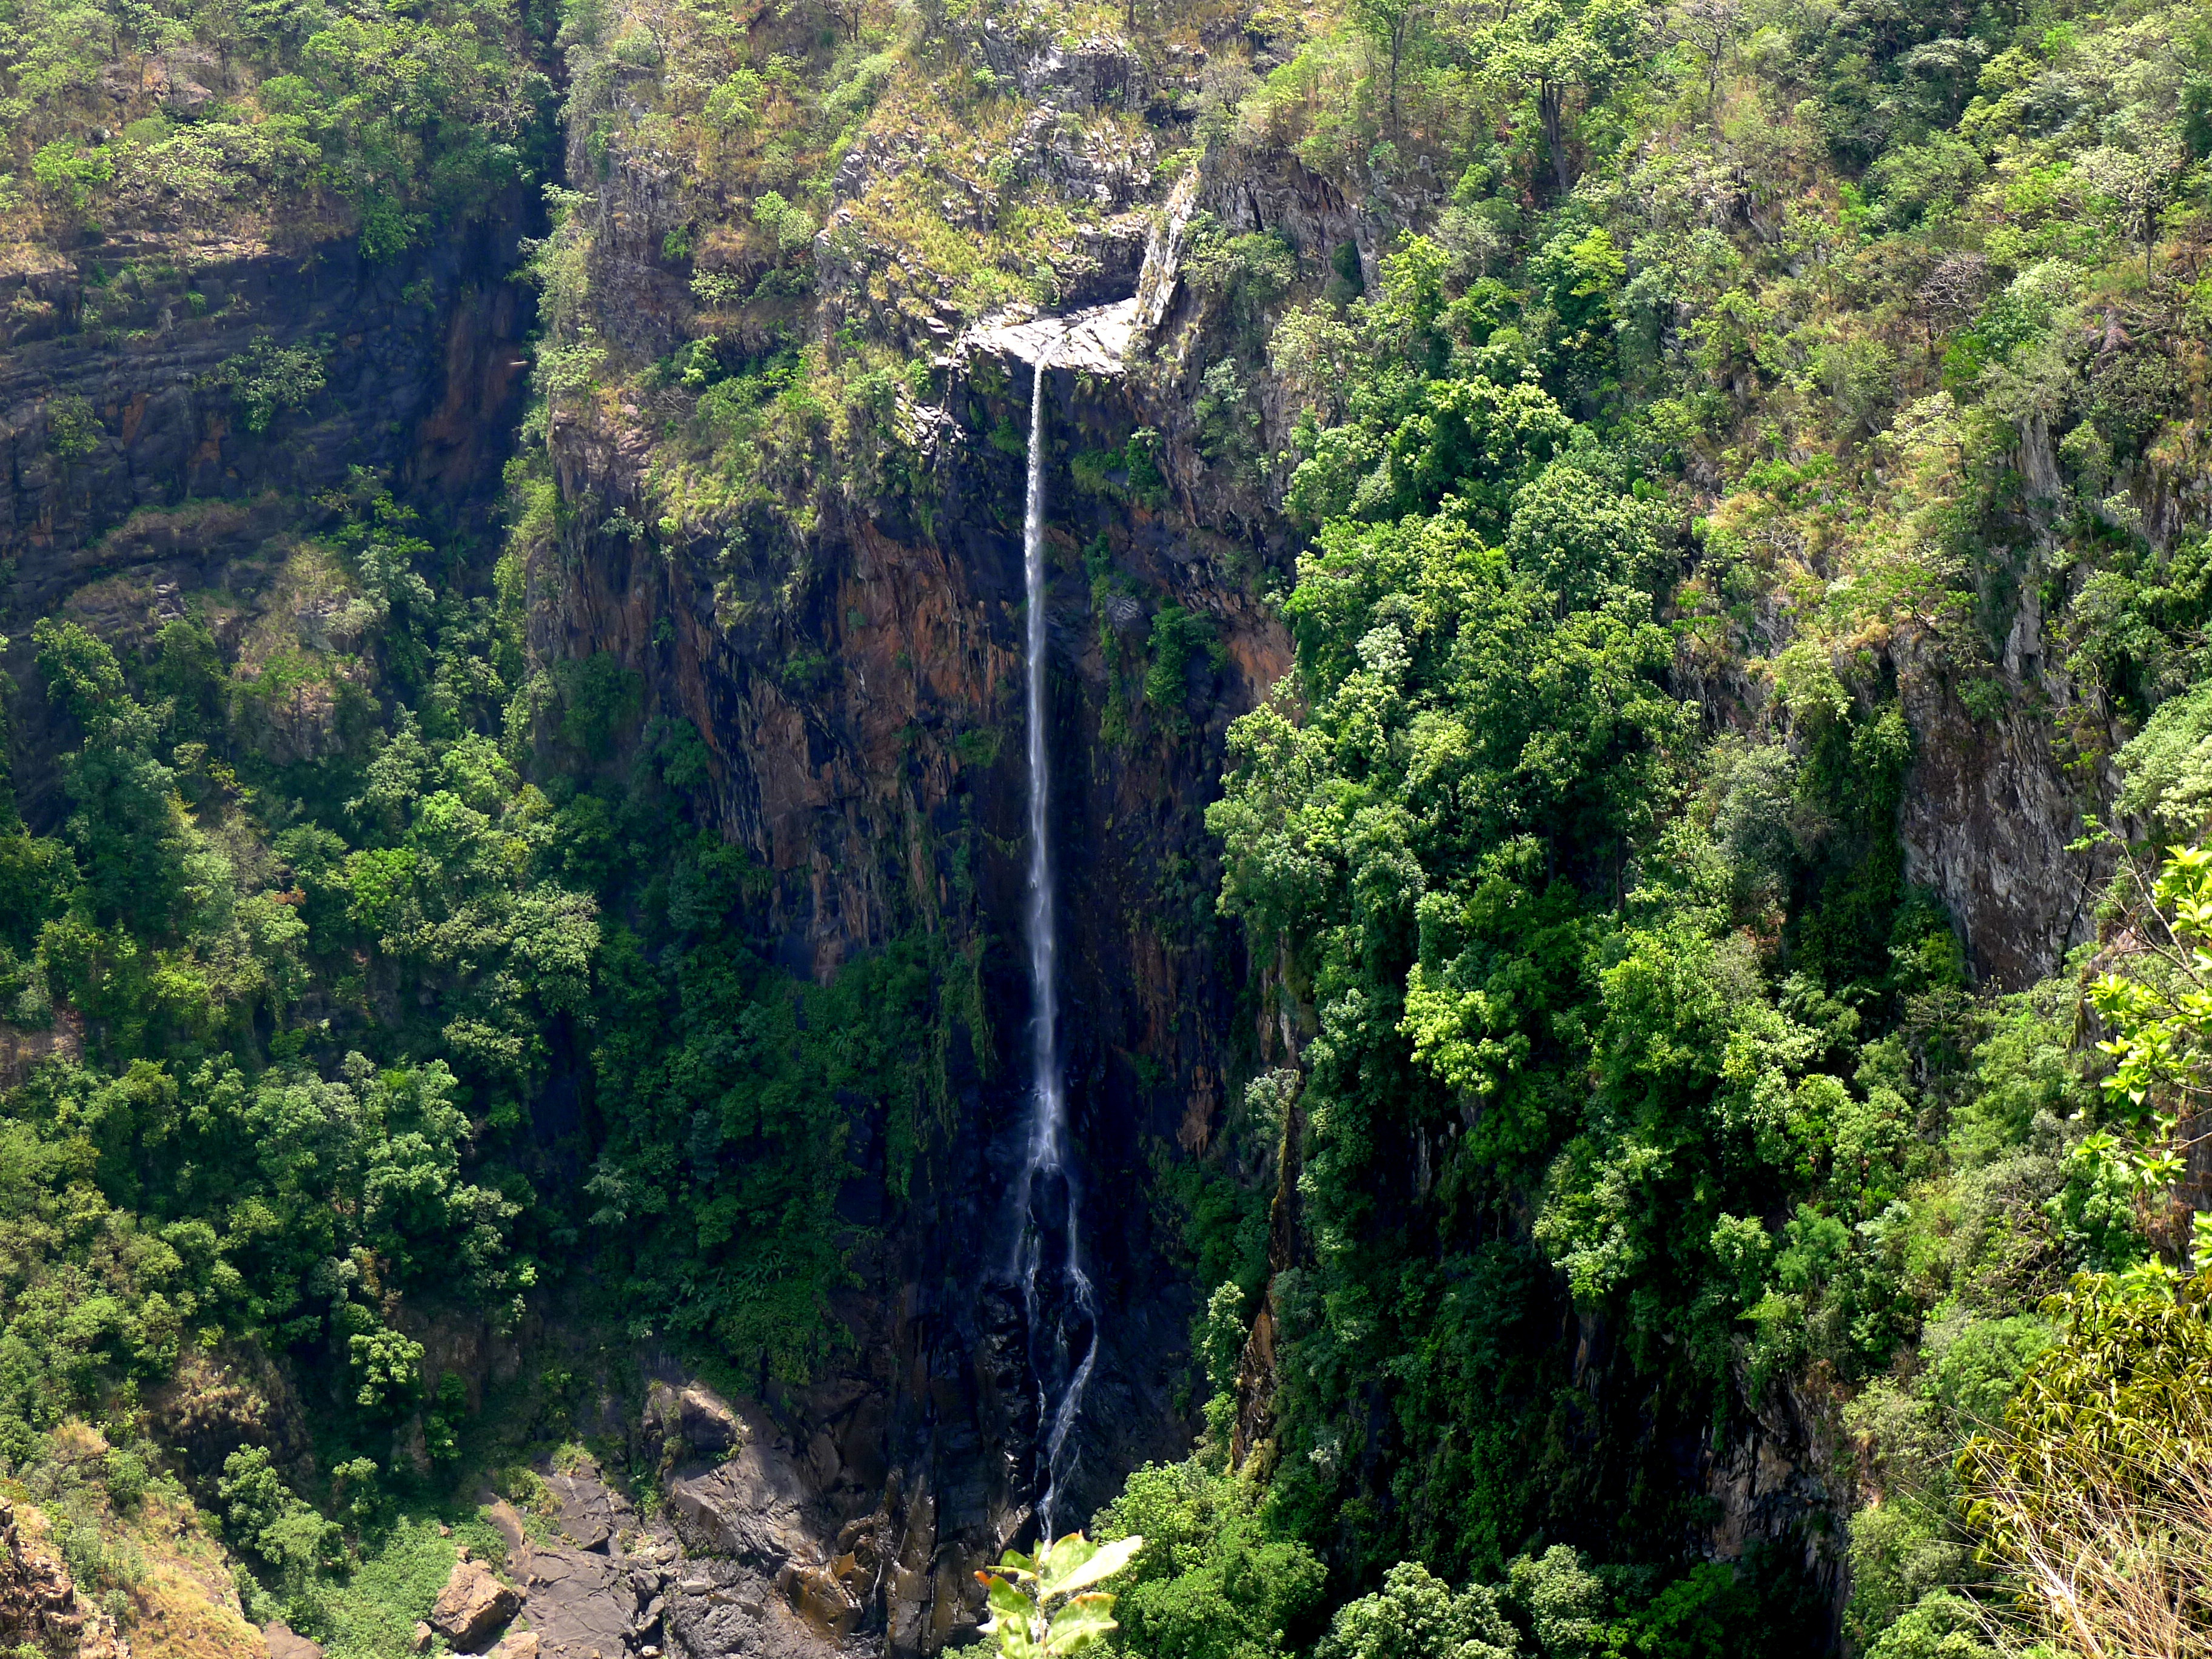 Joranda Falls and Barehipani Falls